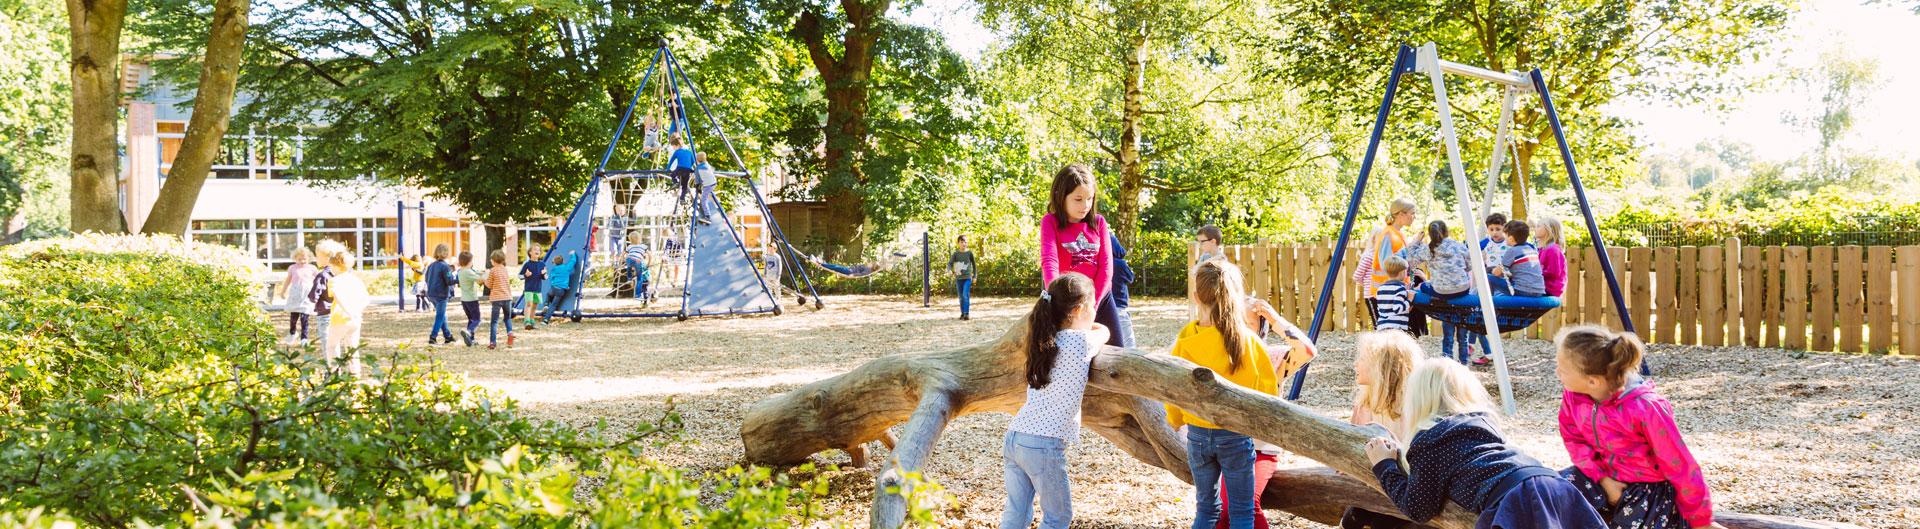 Viele Kinder spielen in der Sonne auf dem Schulhof